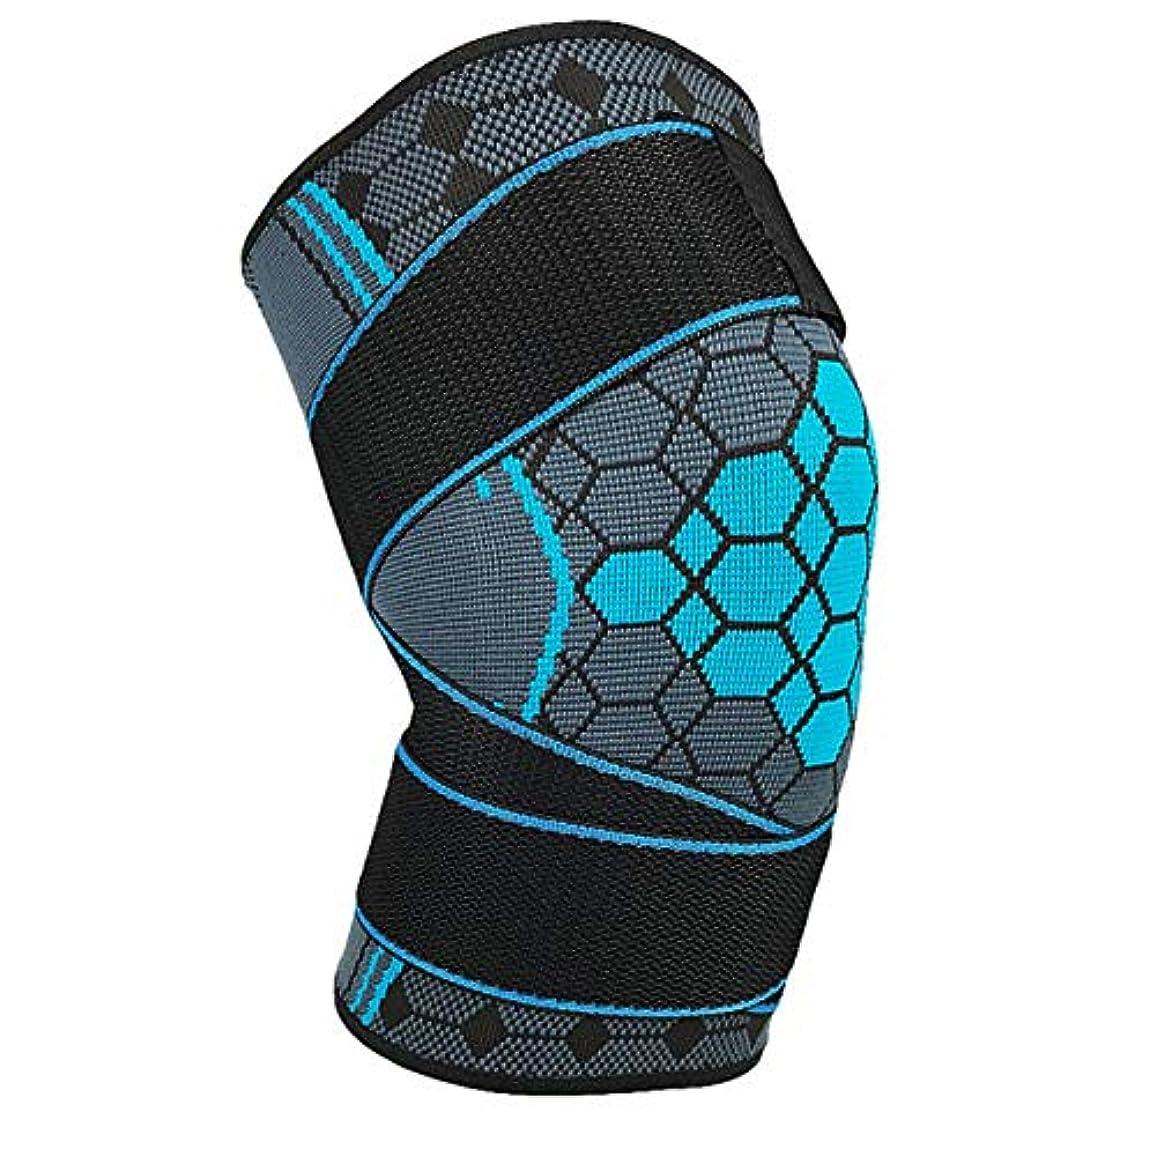 パン屋敬意慈悲深い快適な膝パッドヨガスポーツ保護パッドバレーボール落下膝サポート安全膝パッド耐久性膝ブレース-ブルーL